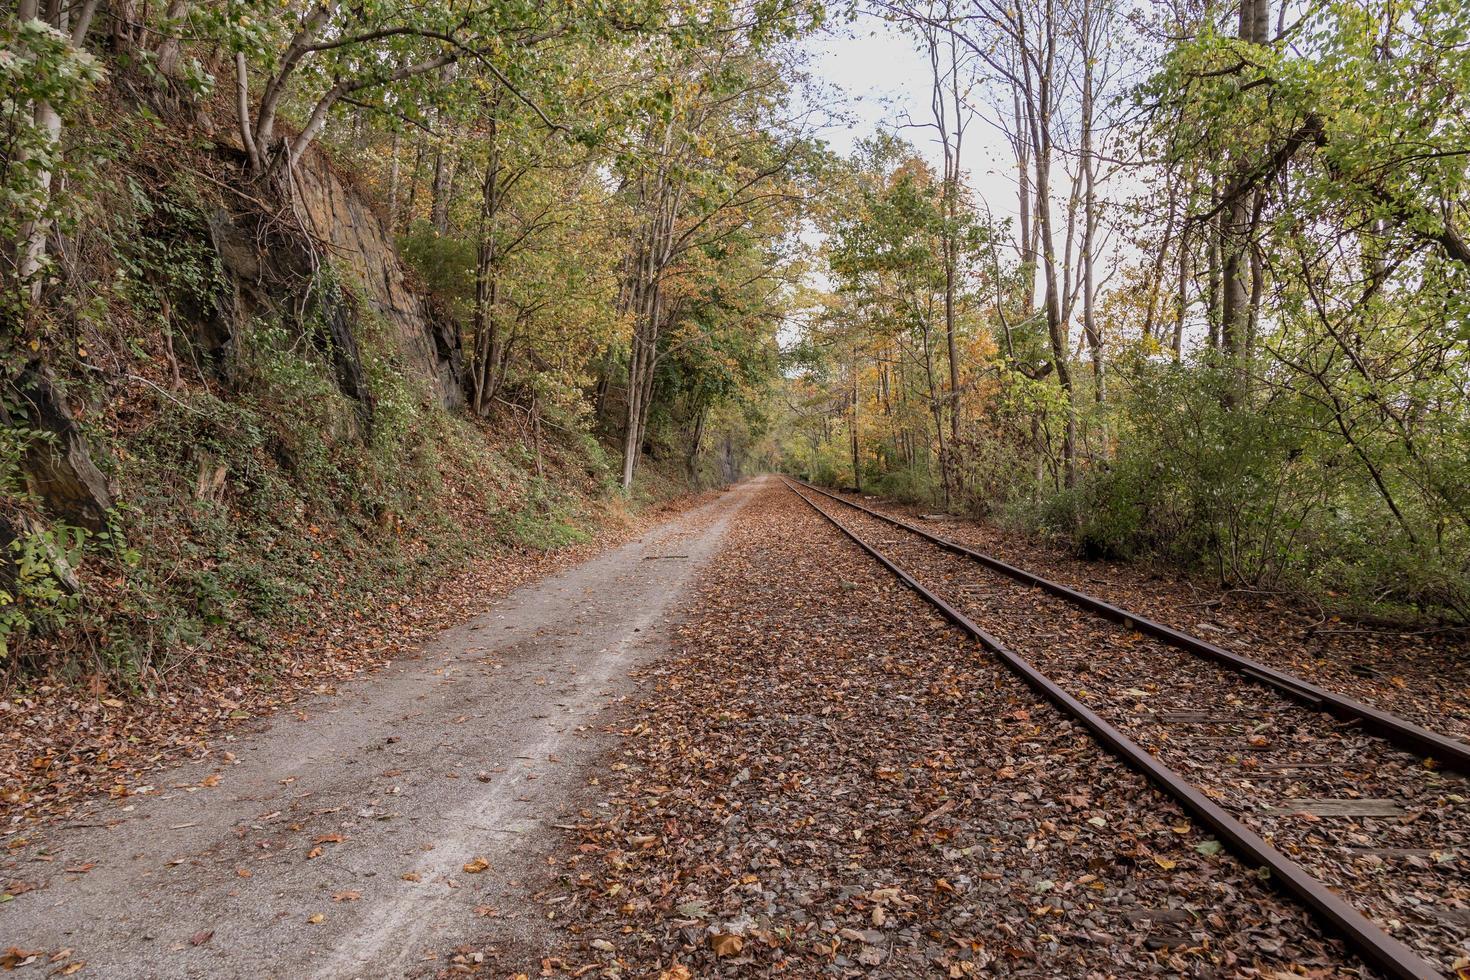 voie ferrée en automne photo